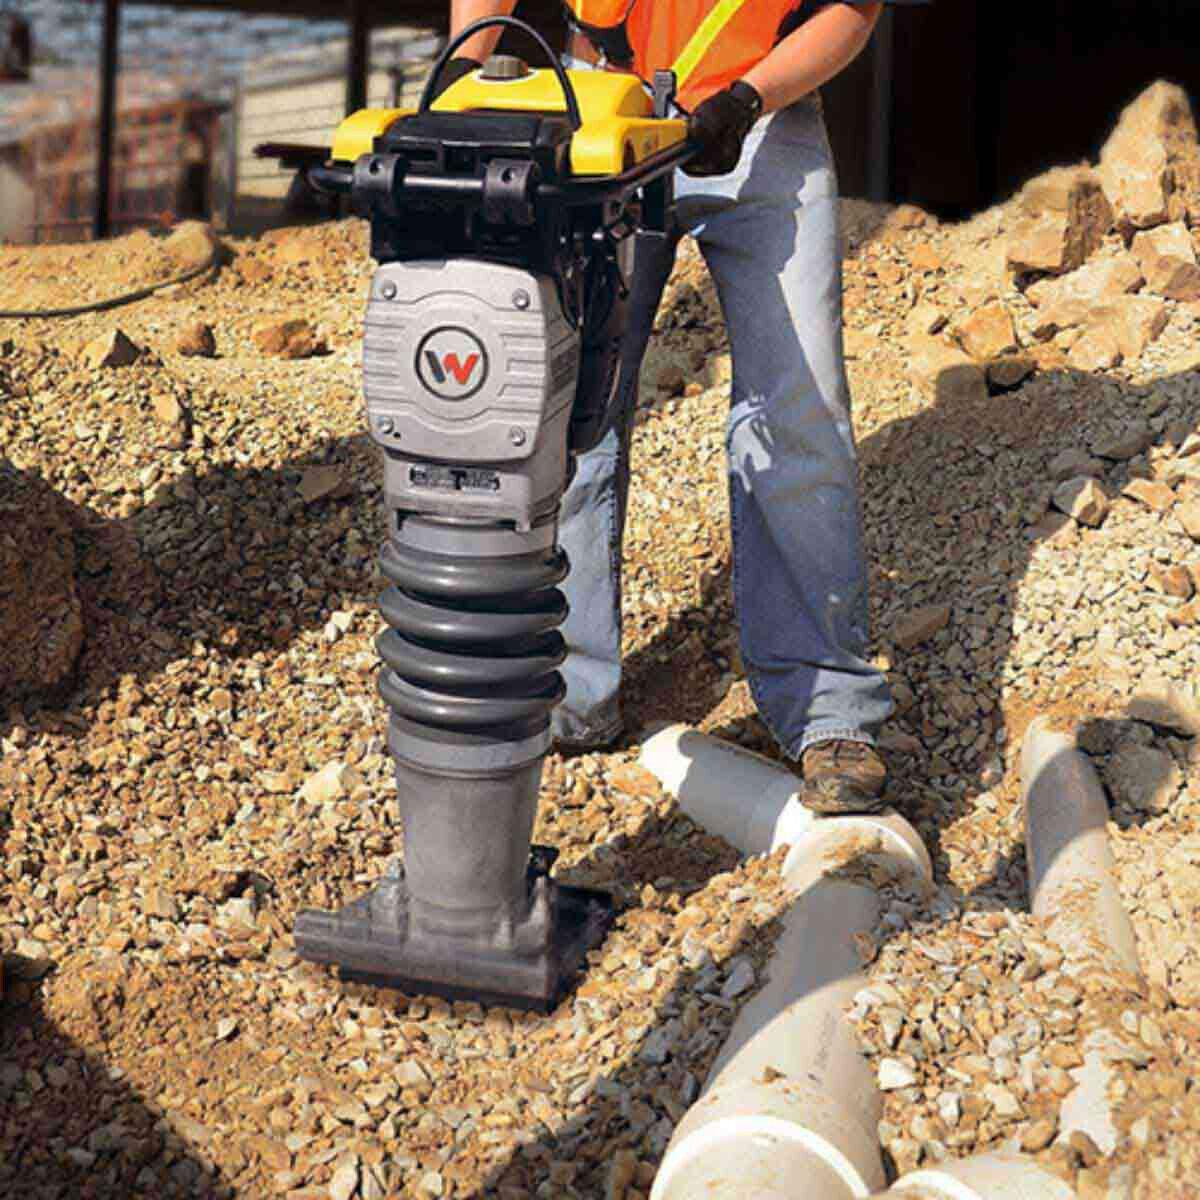 Wacker Neuson Rammer for Underground Pipe Installation